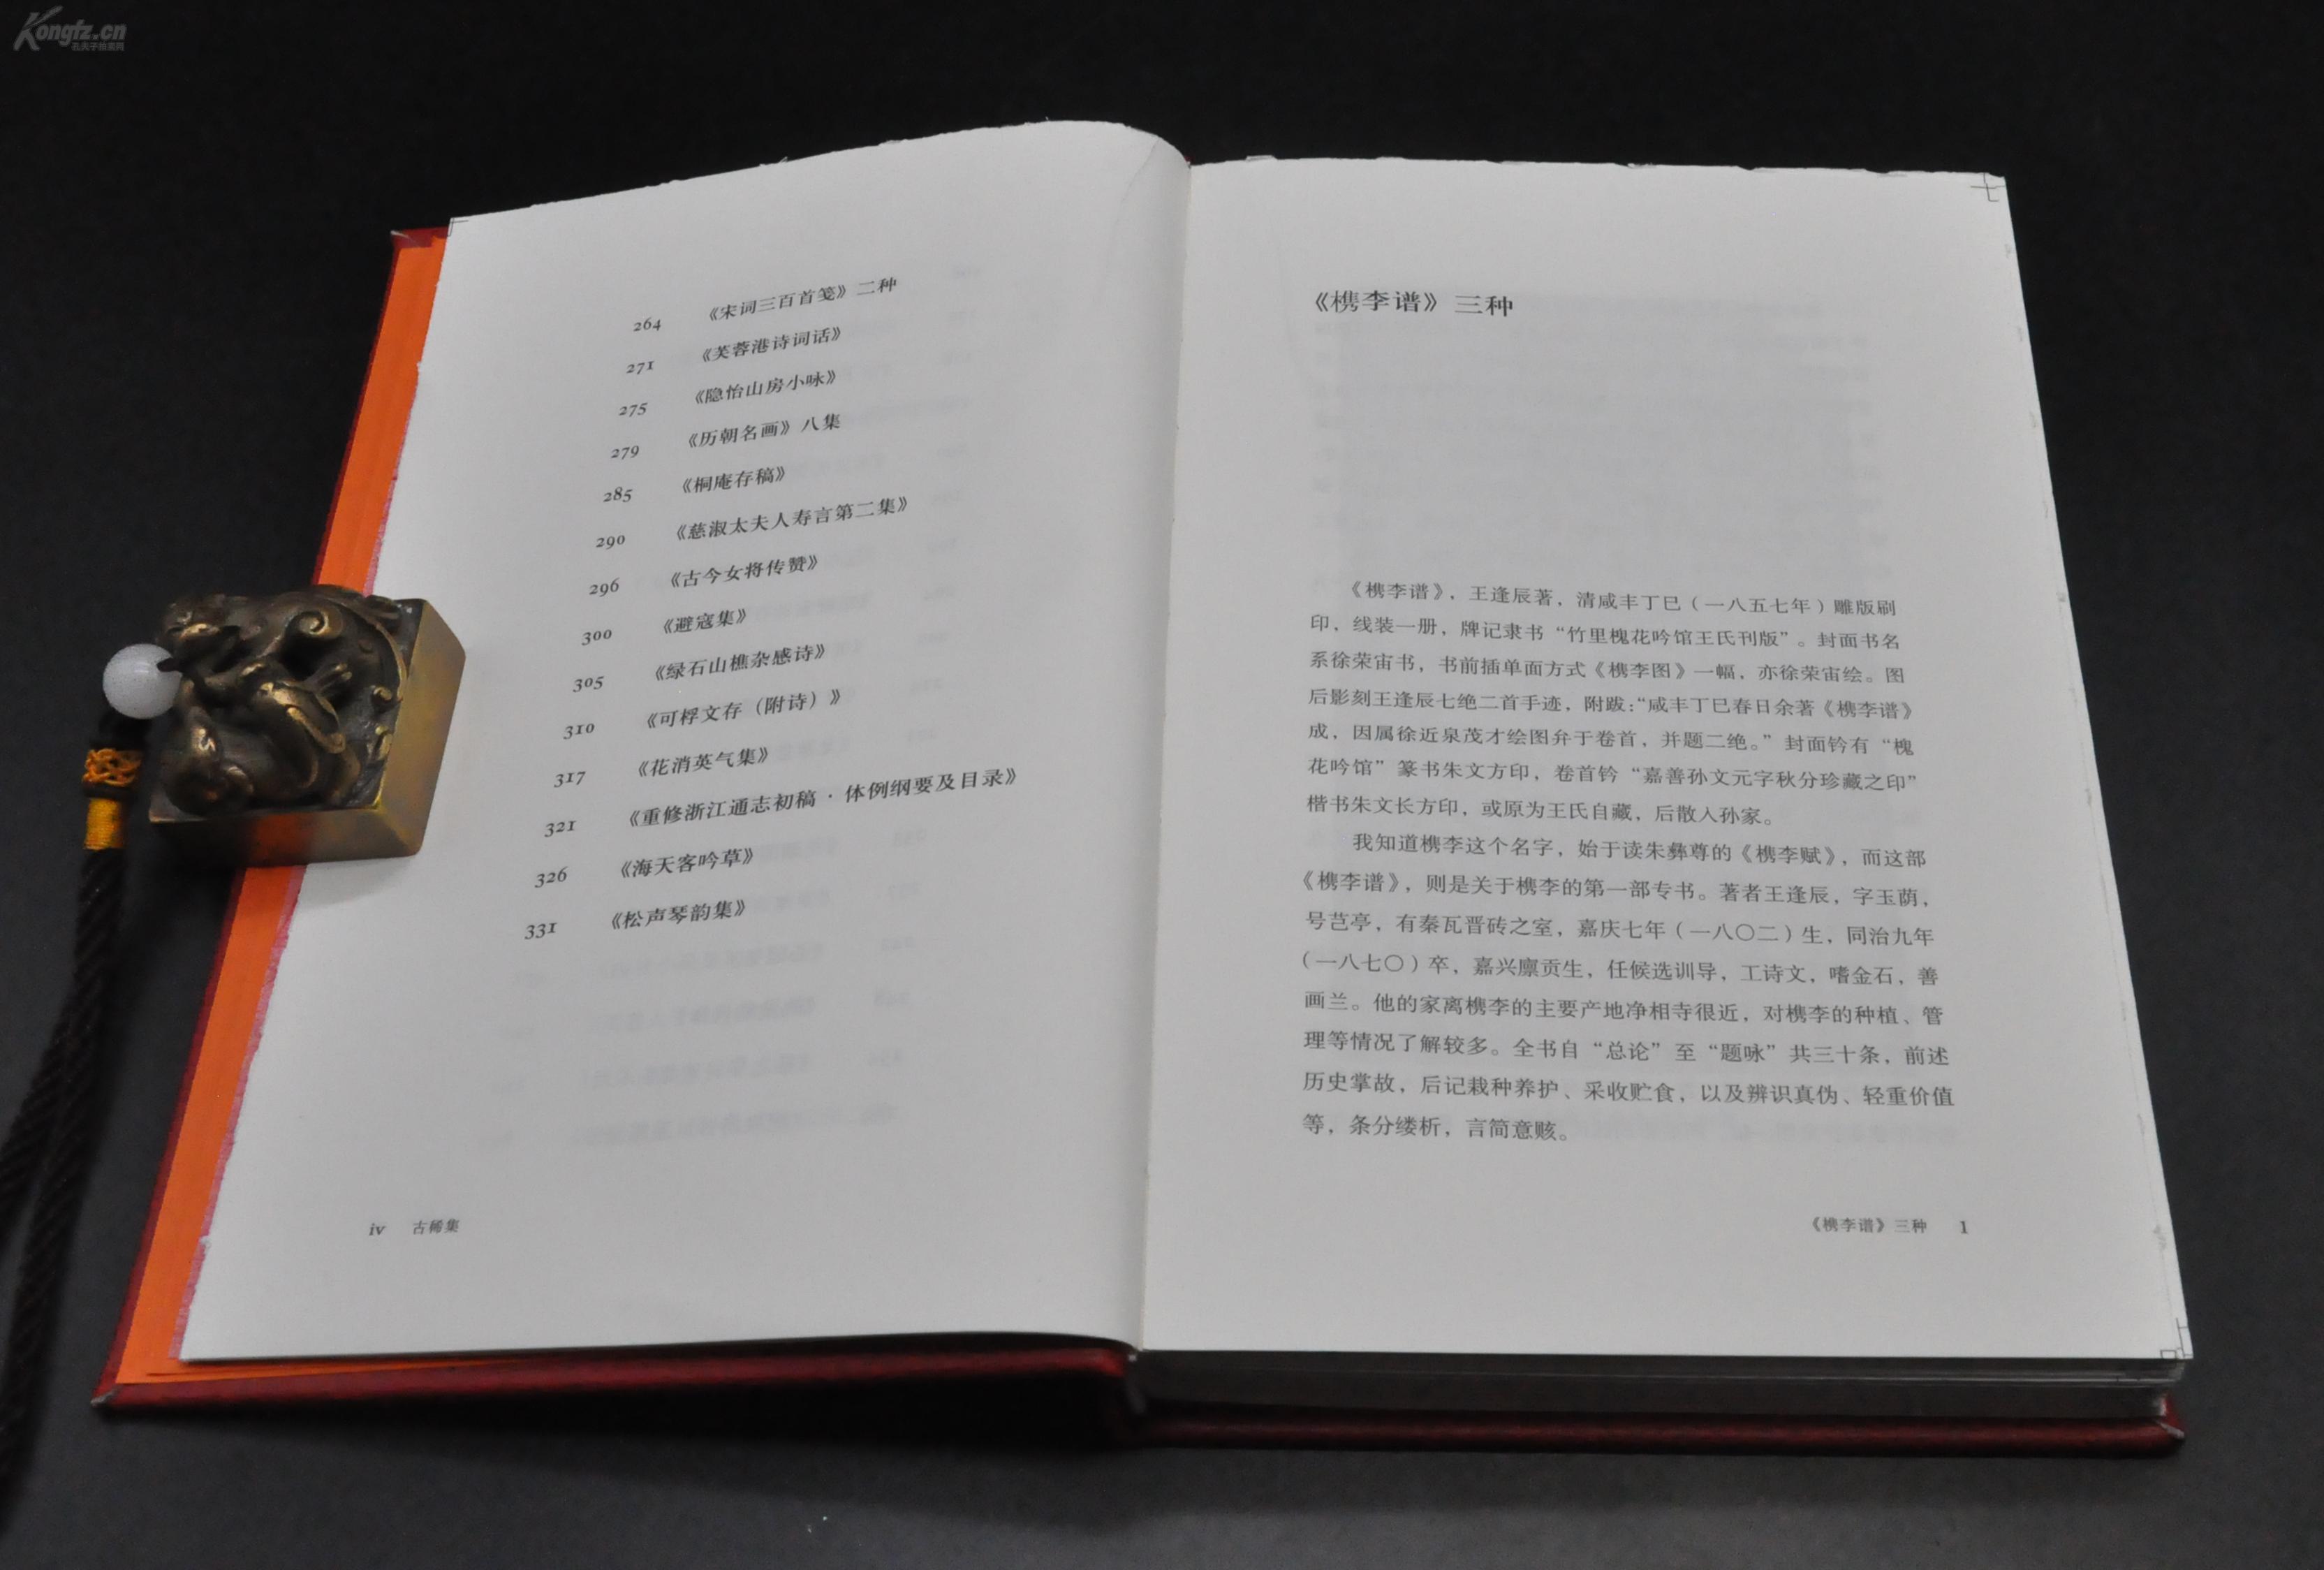 大众拍卖区 薛冰签名钤印限量编号《古稀集》(特种版),刘波签名钤印